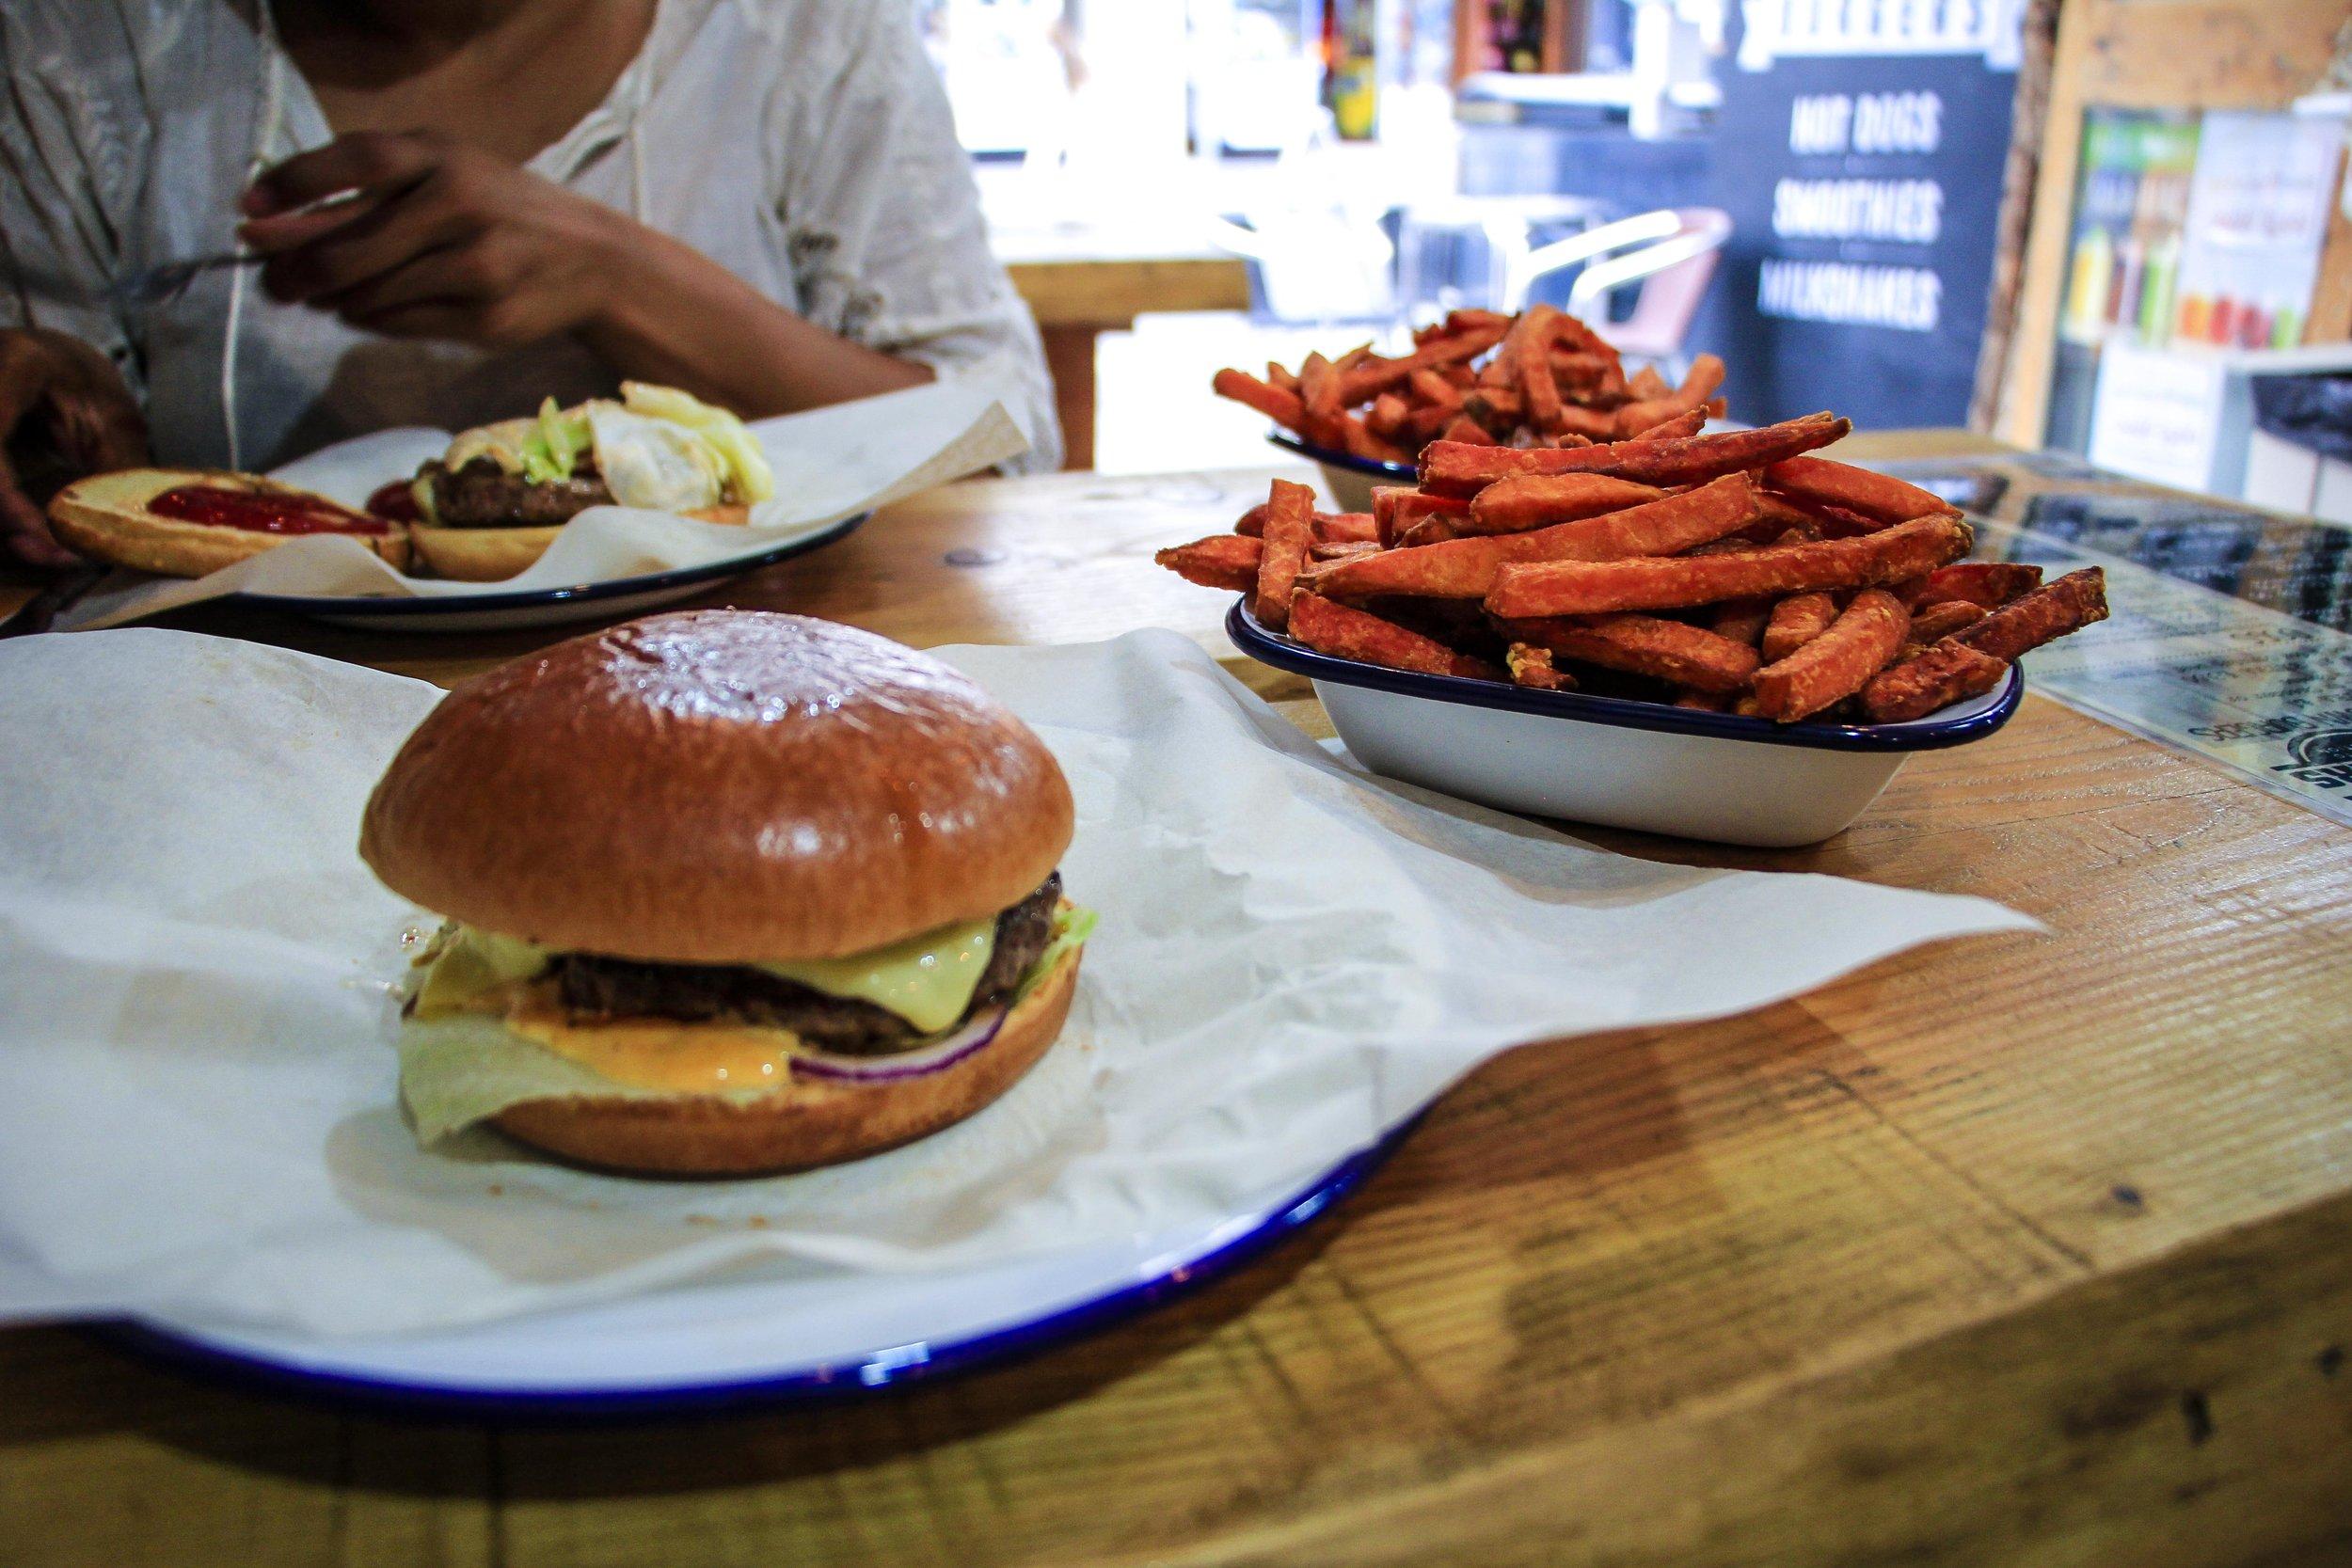 Burger and sweet potato at a burger joint